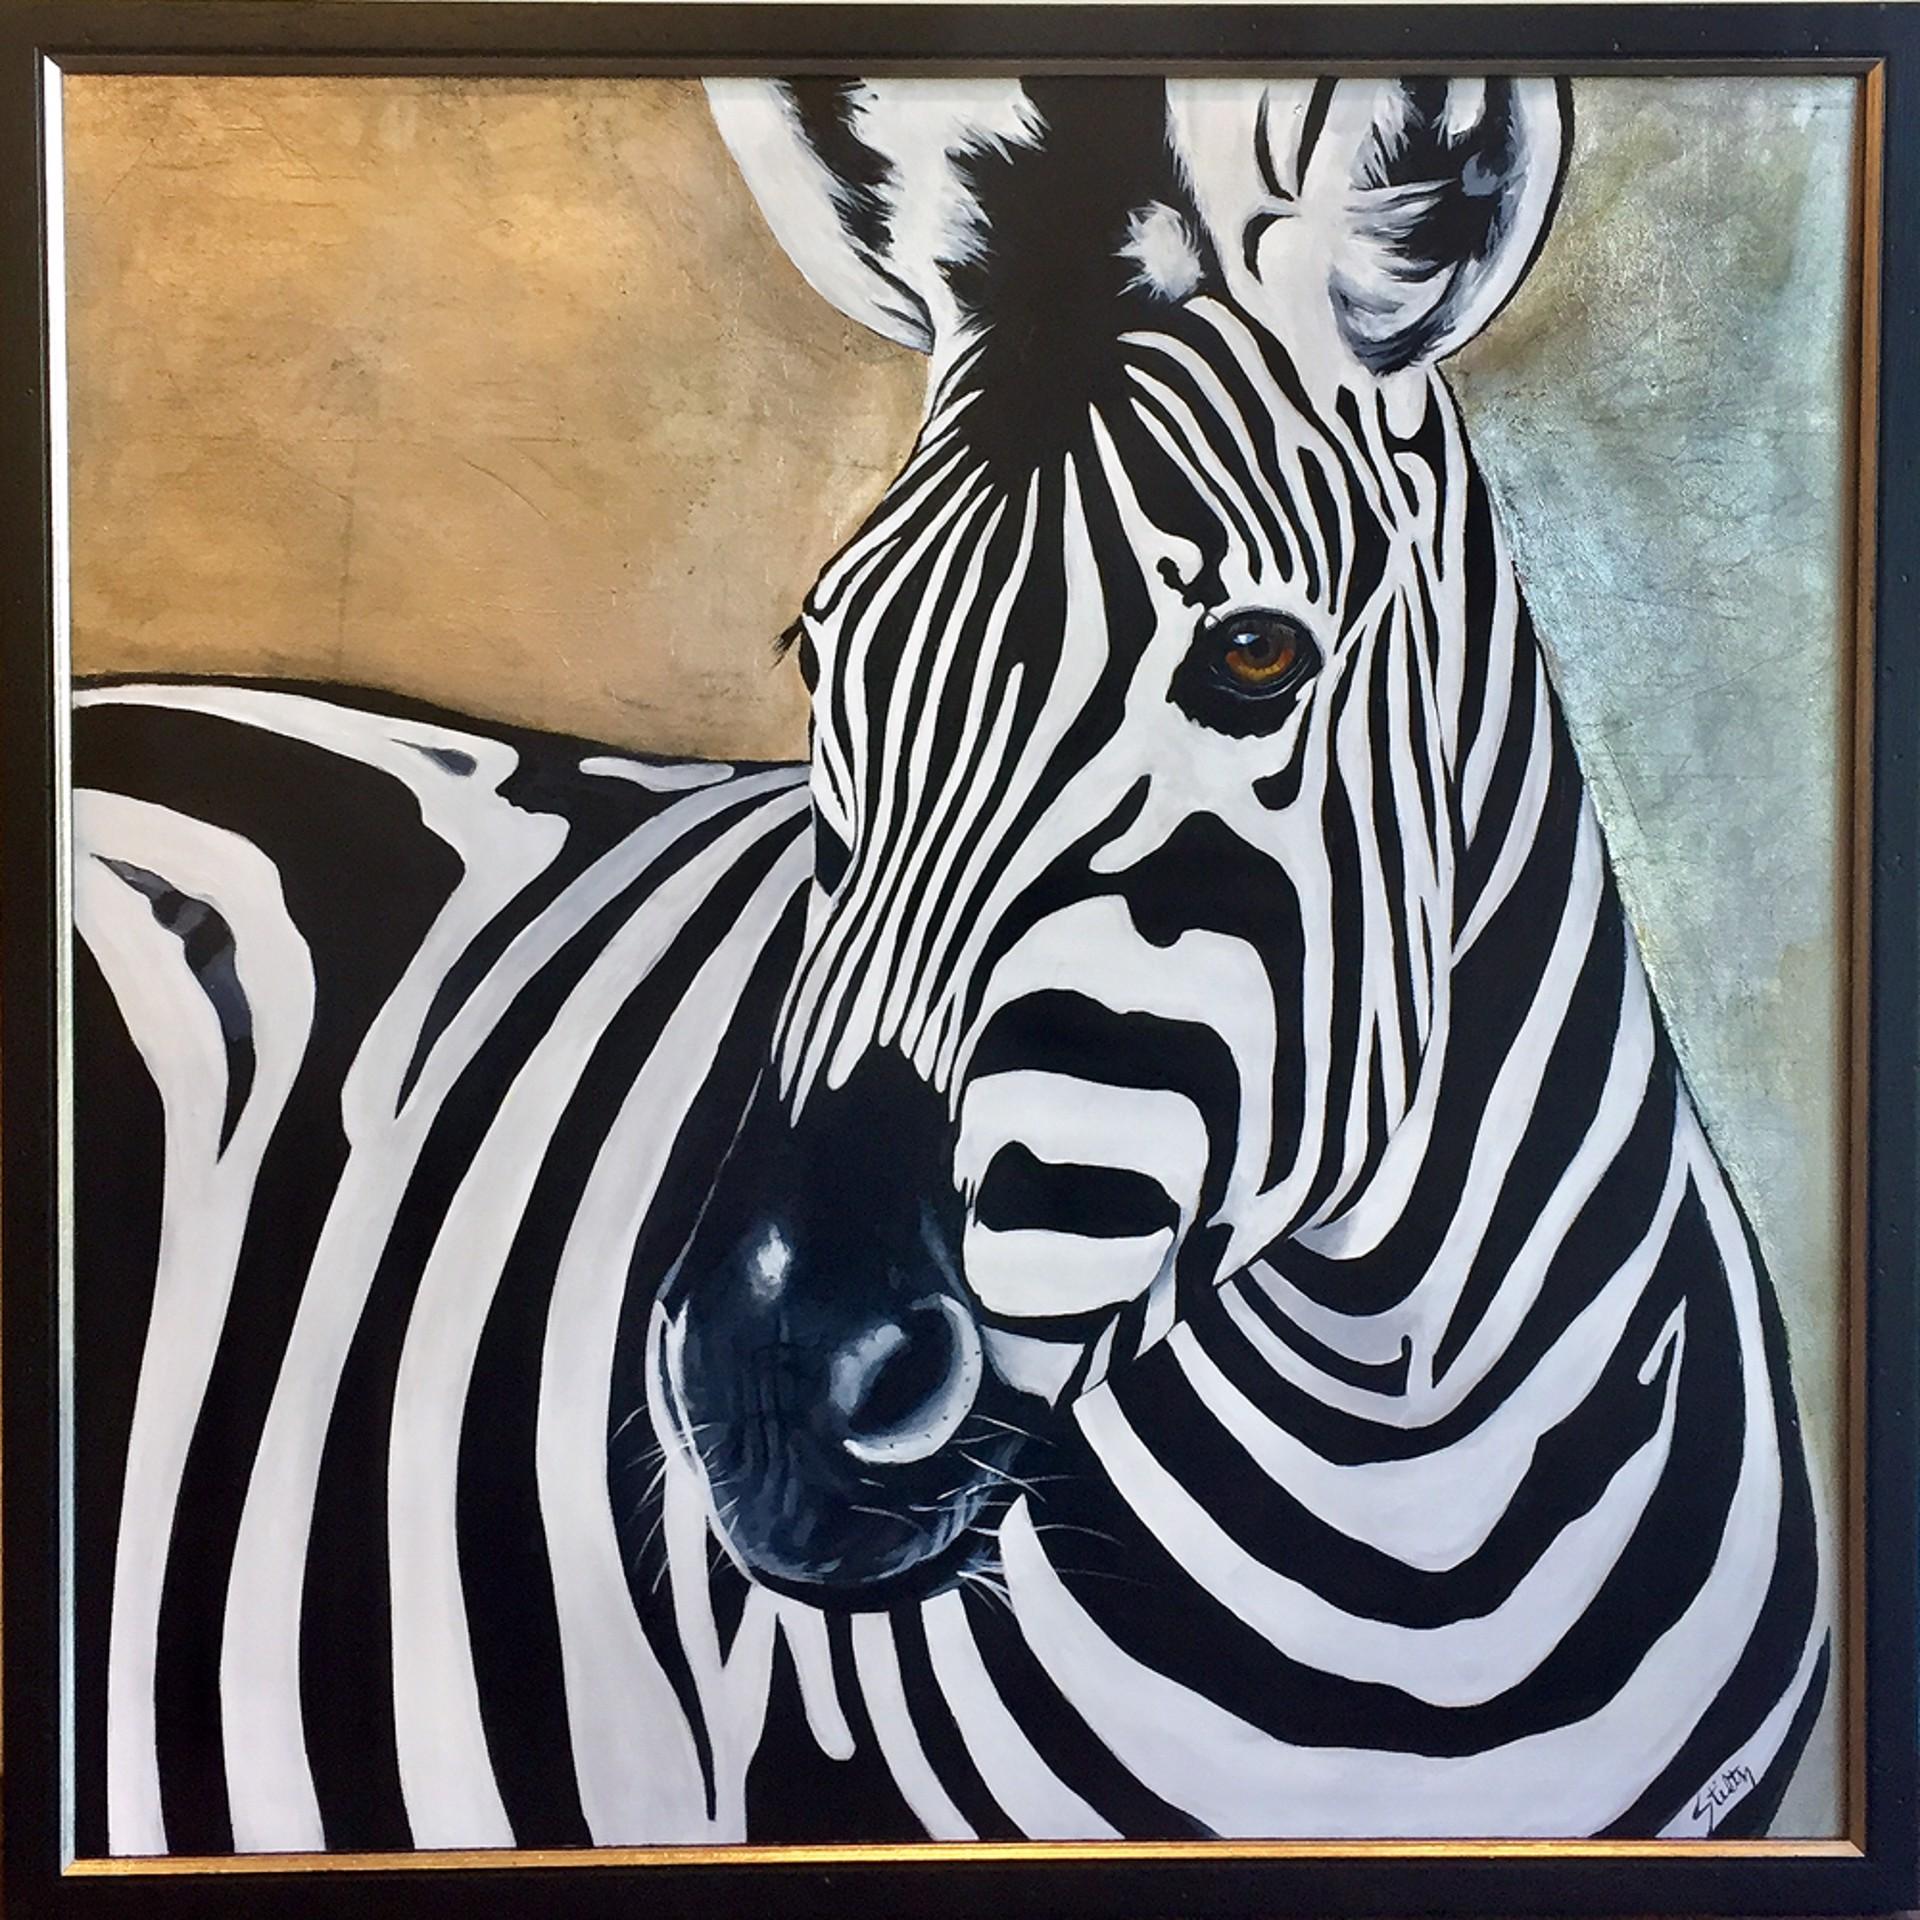 Zebra by Tom Stiltz